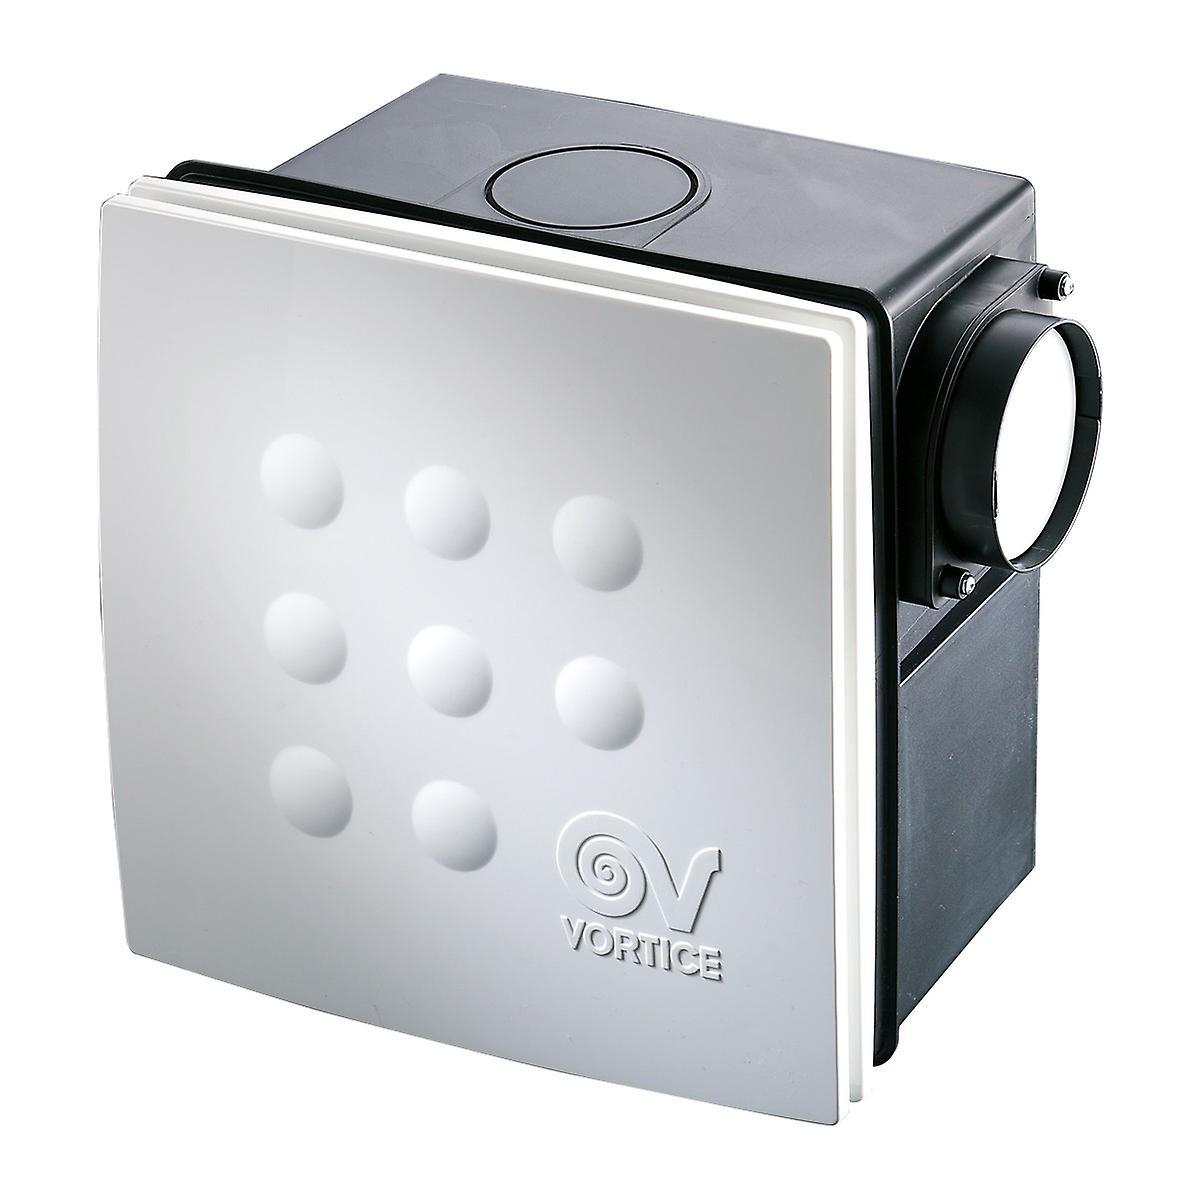 Bad Lüfter / Ventilator Quadro-Micro ich 18 Unterputz Kabelkanal 18 m ³/h  verschiedene Modelle